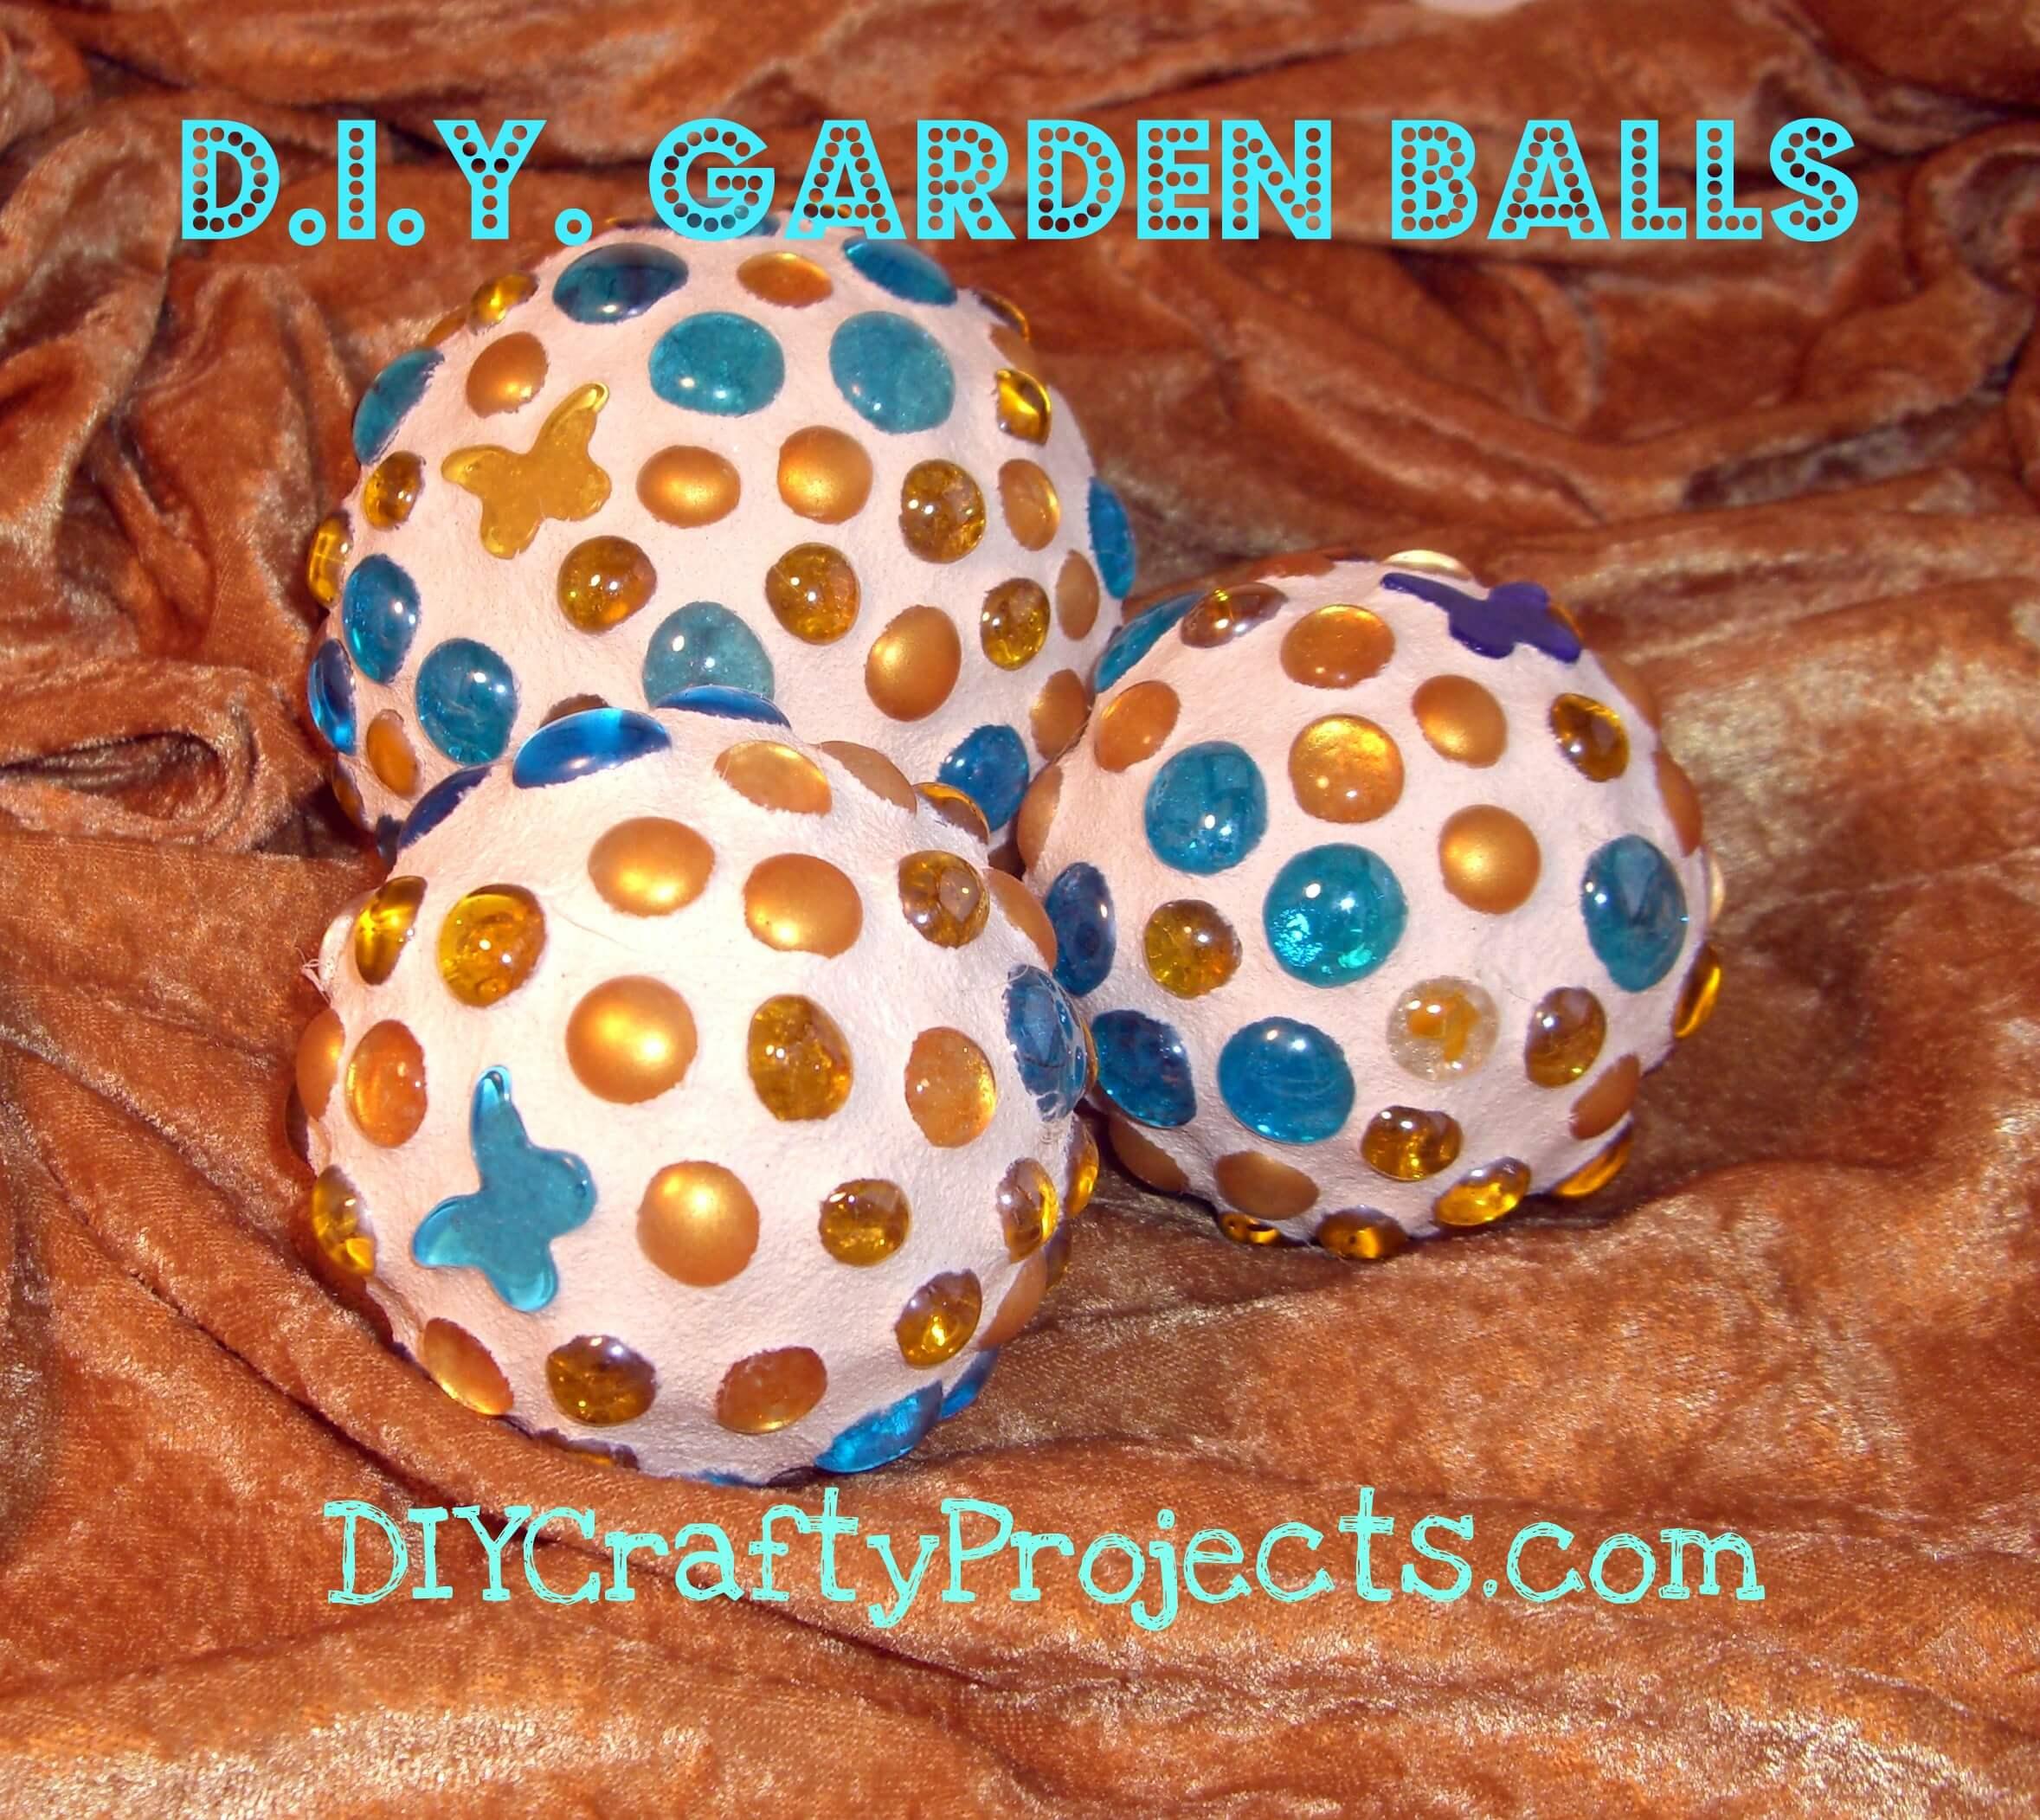 Glass Gem and Butterfly Garden Balls